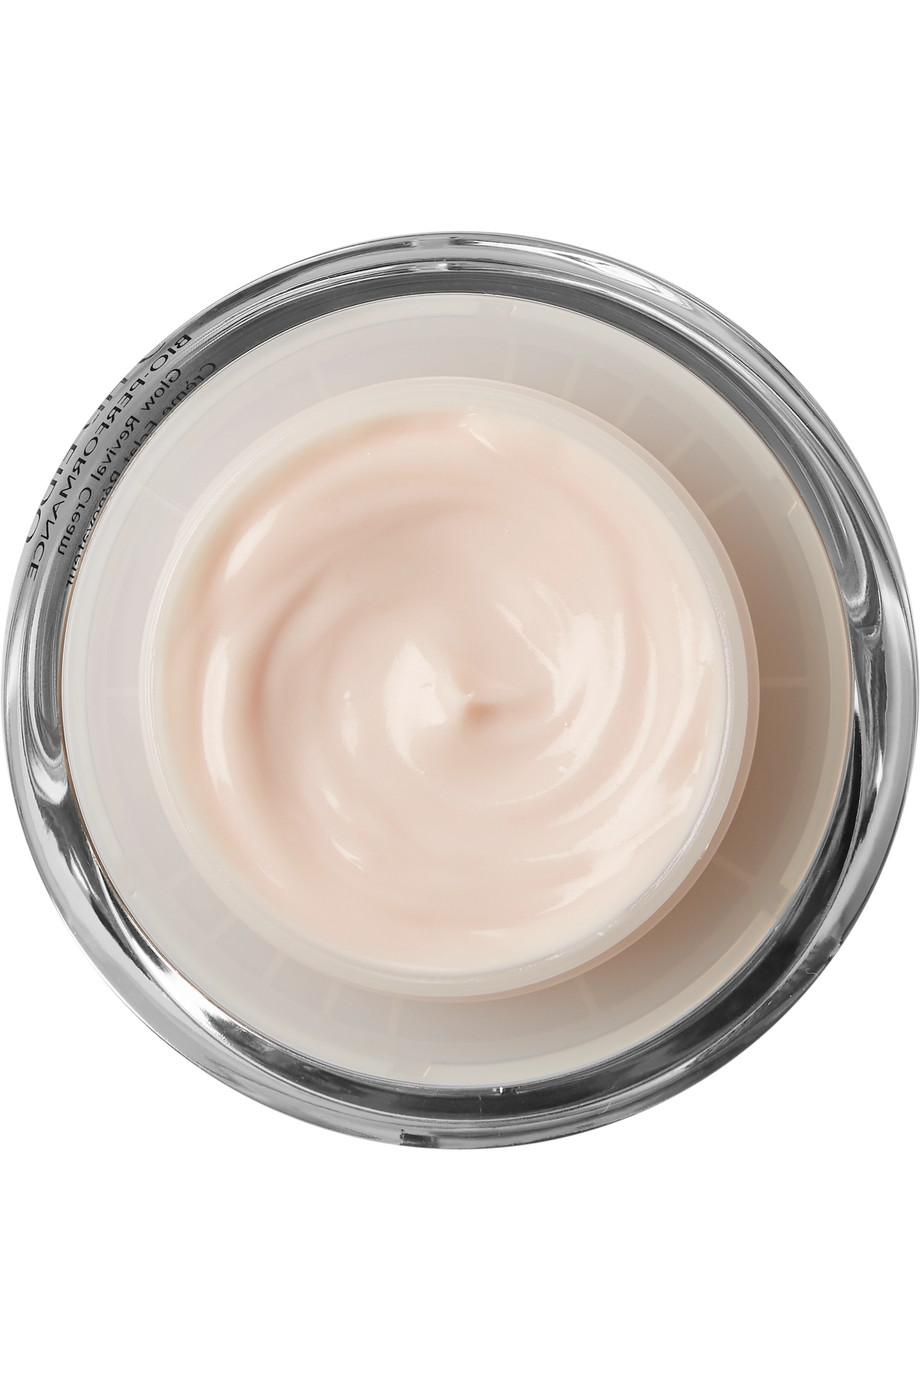 Shiseido Bio-Performance Glow Revival Cream, 50 ml – Feuchtigkeitscreme